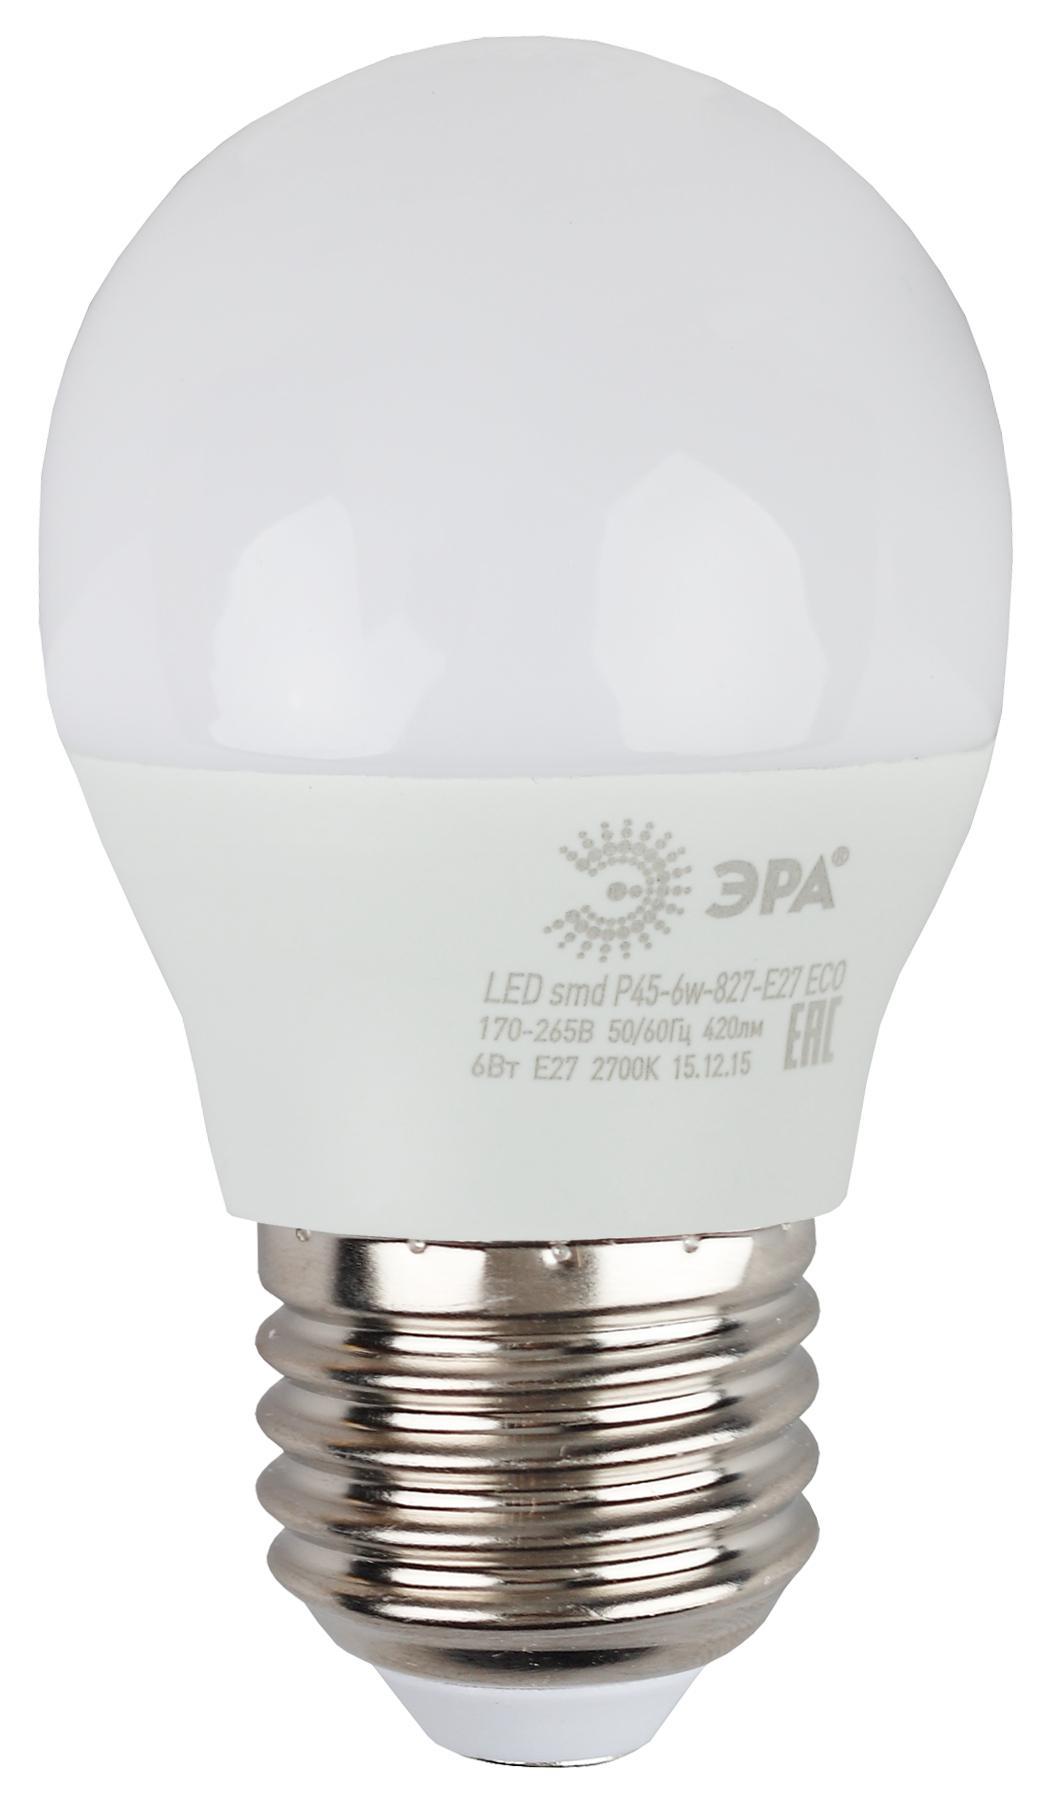 Лампа светодиодная ЭРА Led smd Р45-6w-827-e27_eco лампа светодиодная эра led smd jc 2w 827 g4